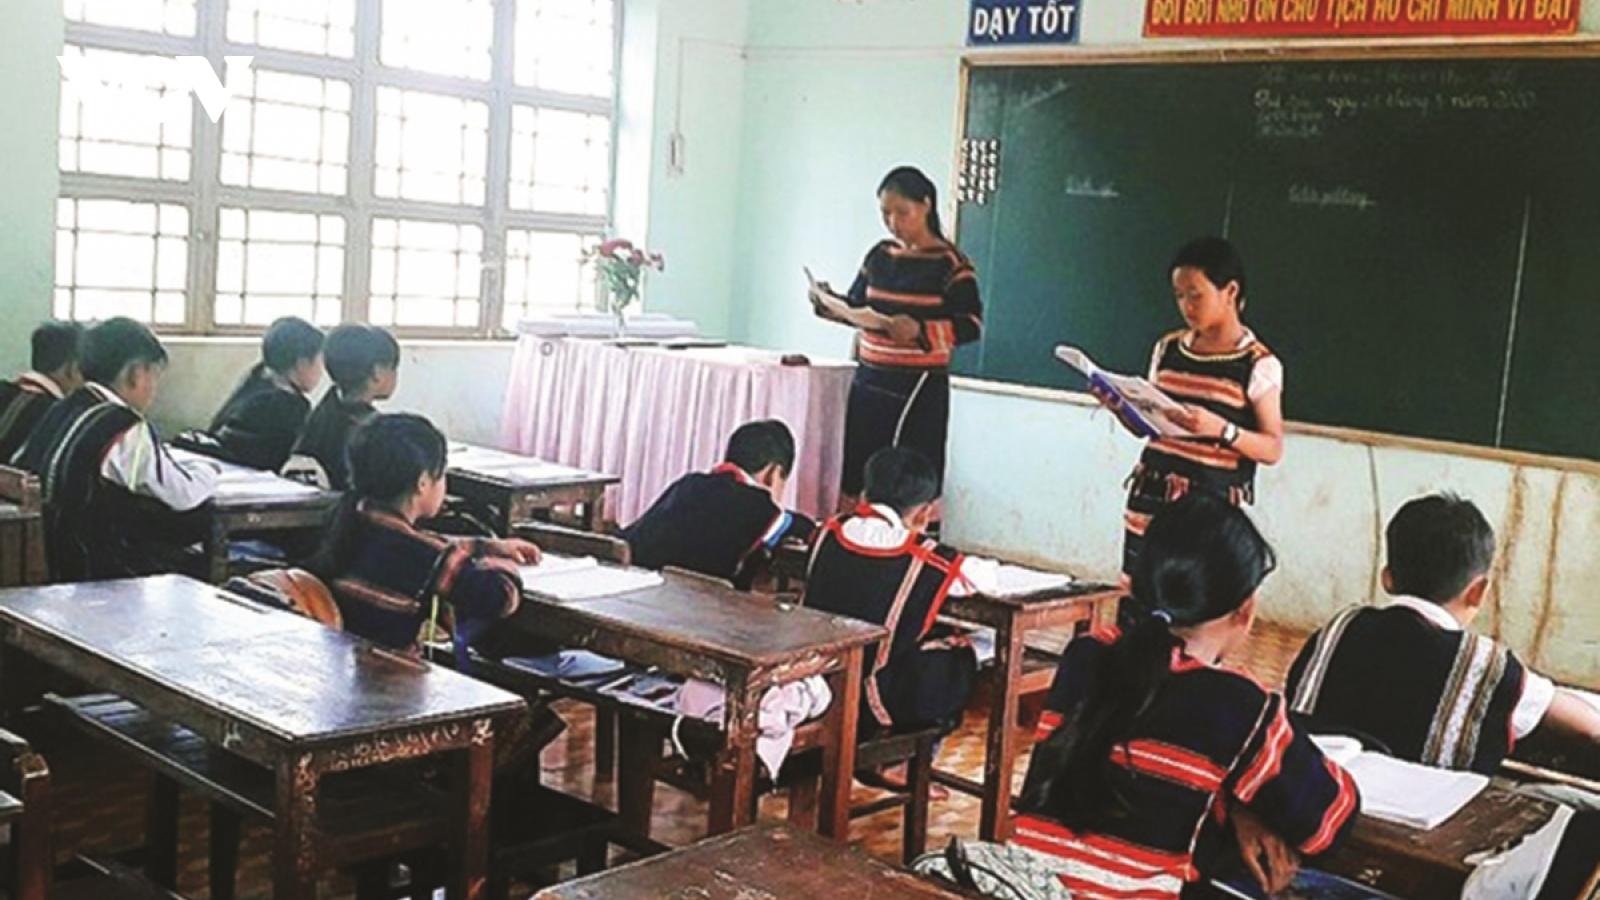 Đến năm 2030, cả nước cần khoảng 9.000 giáo viên dạy tiếng dân tộc thiểu số